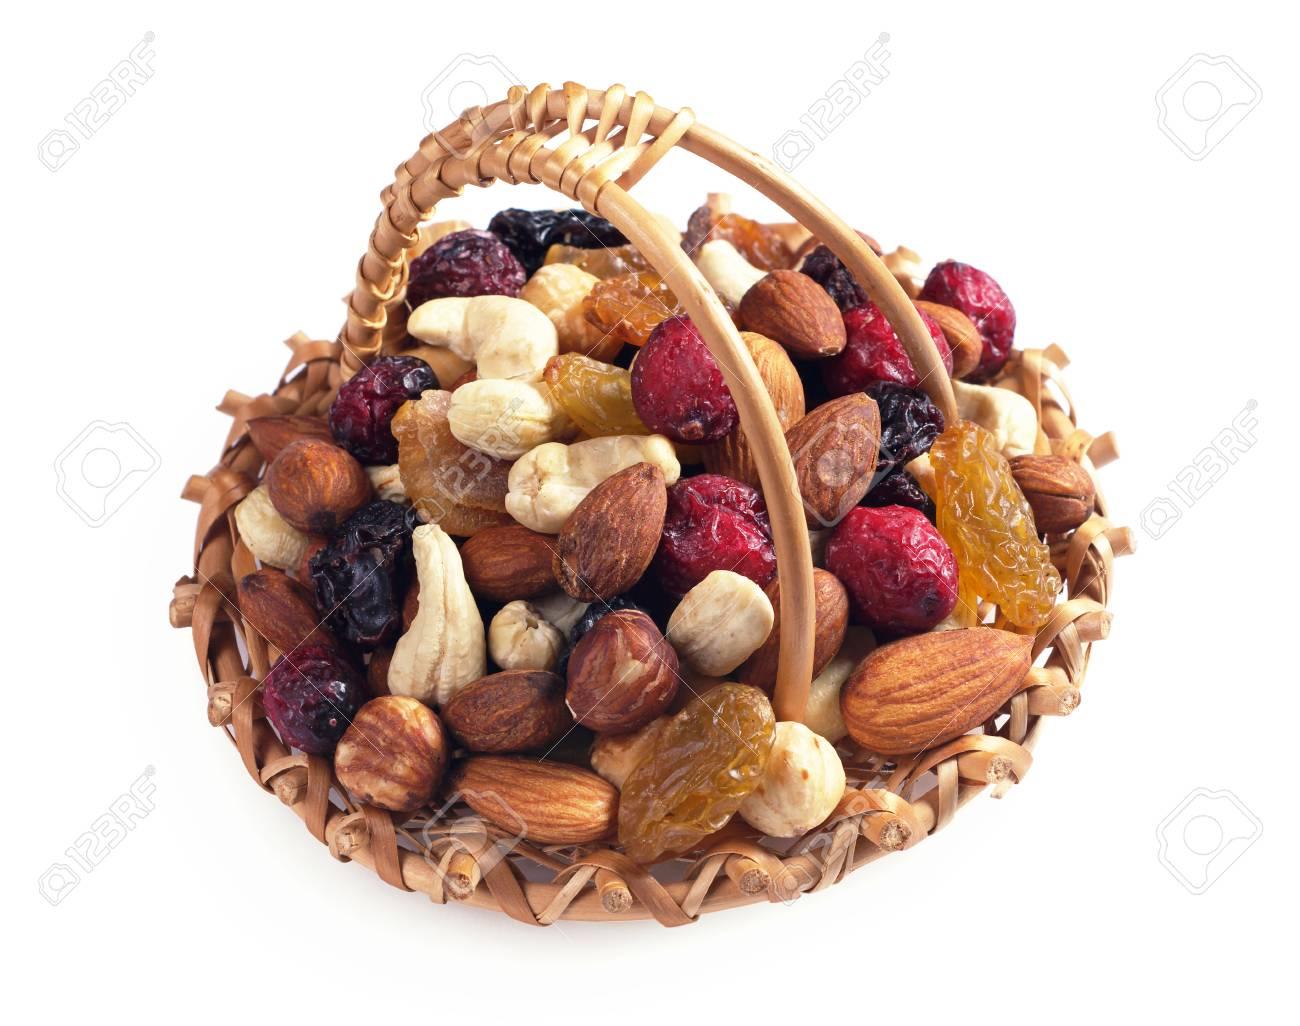 65362619-mélange-de-diverses-noix-et-fruits-secs-dans-le-panier-sur-fond-blanc.jpg